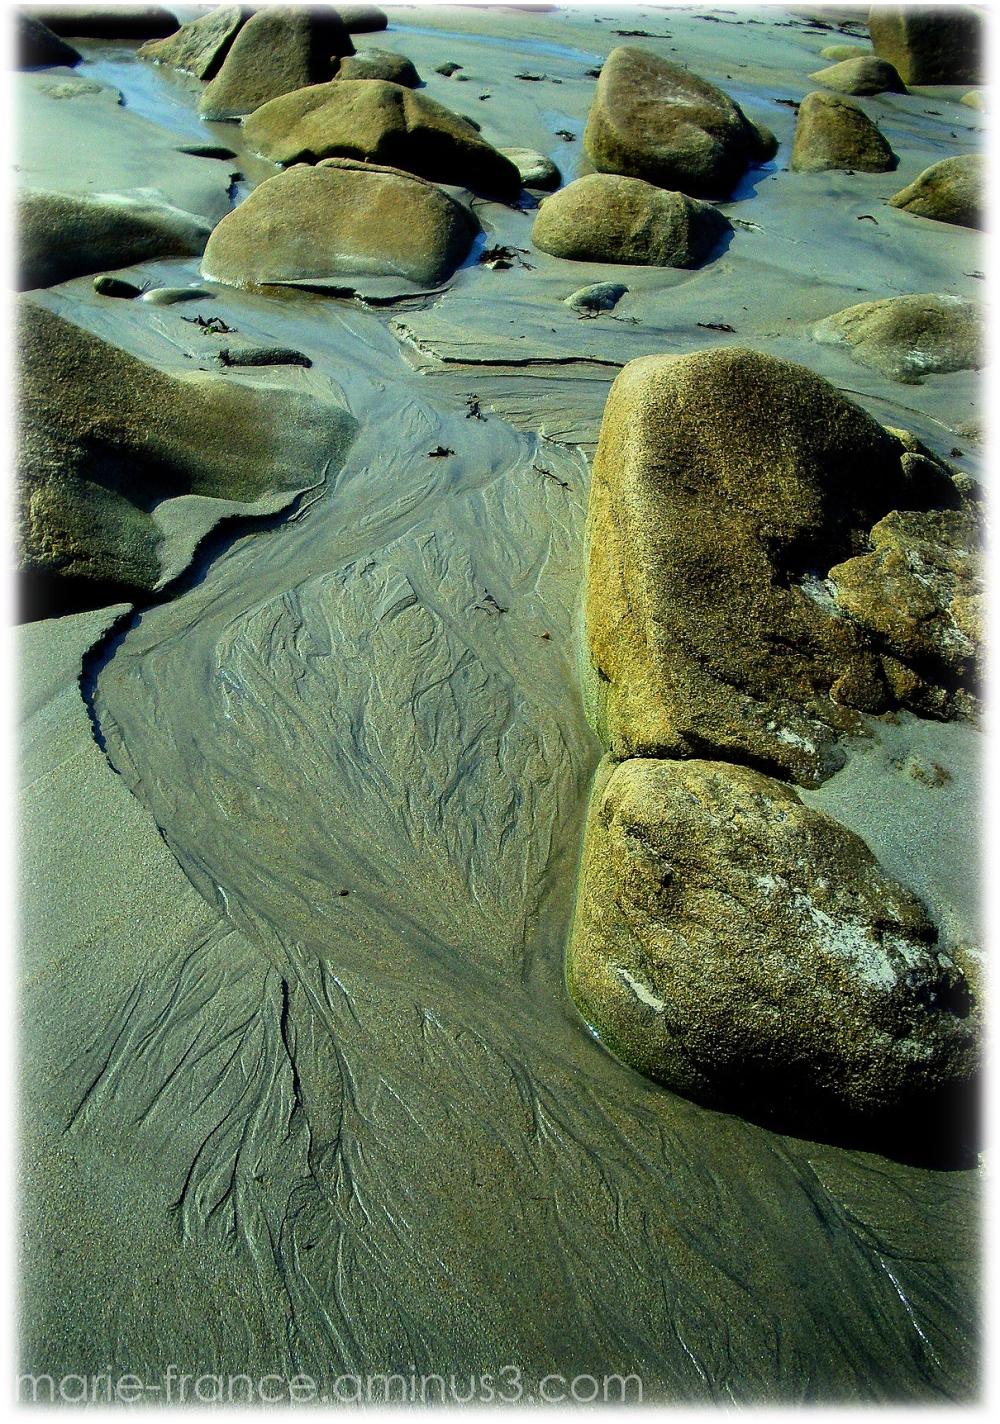 coulée de sable sur une plage caillouteuse